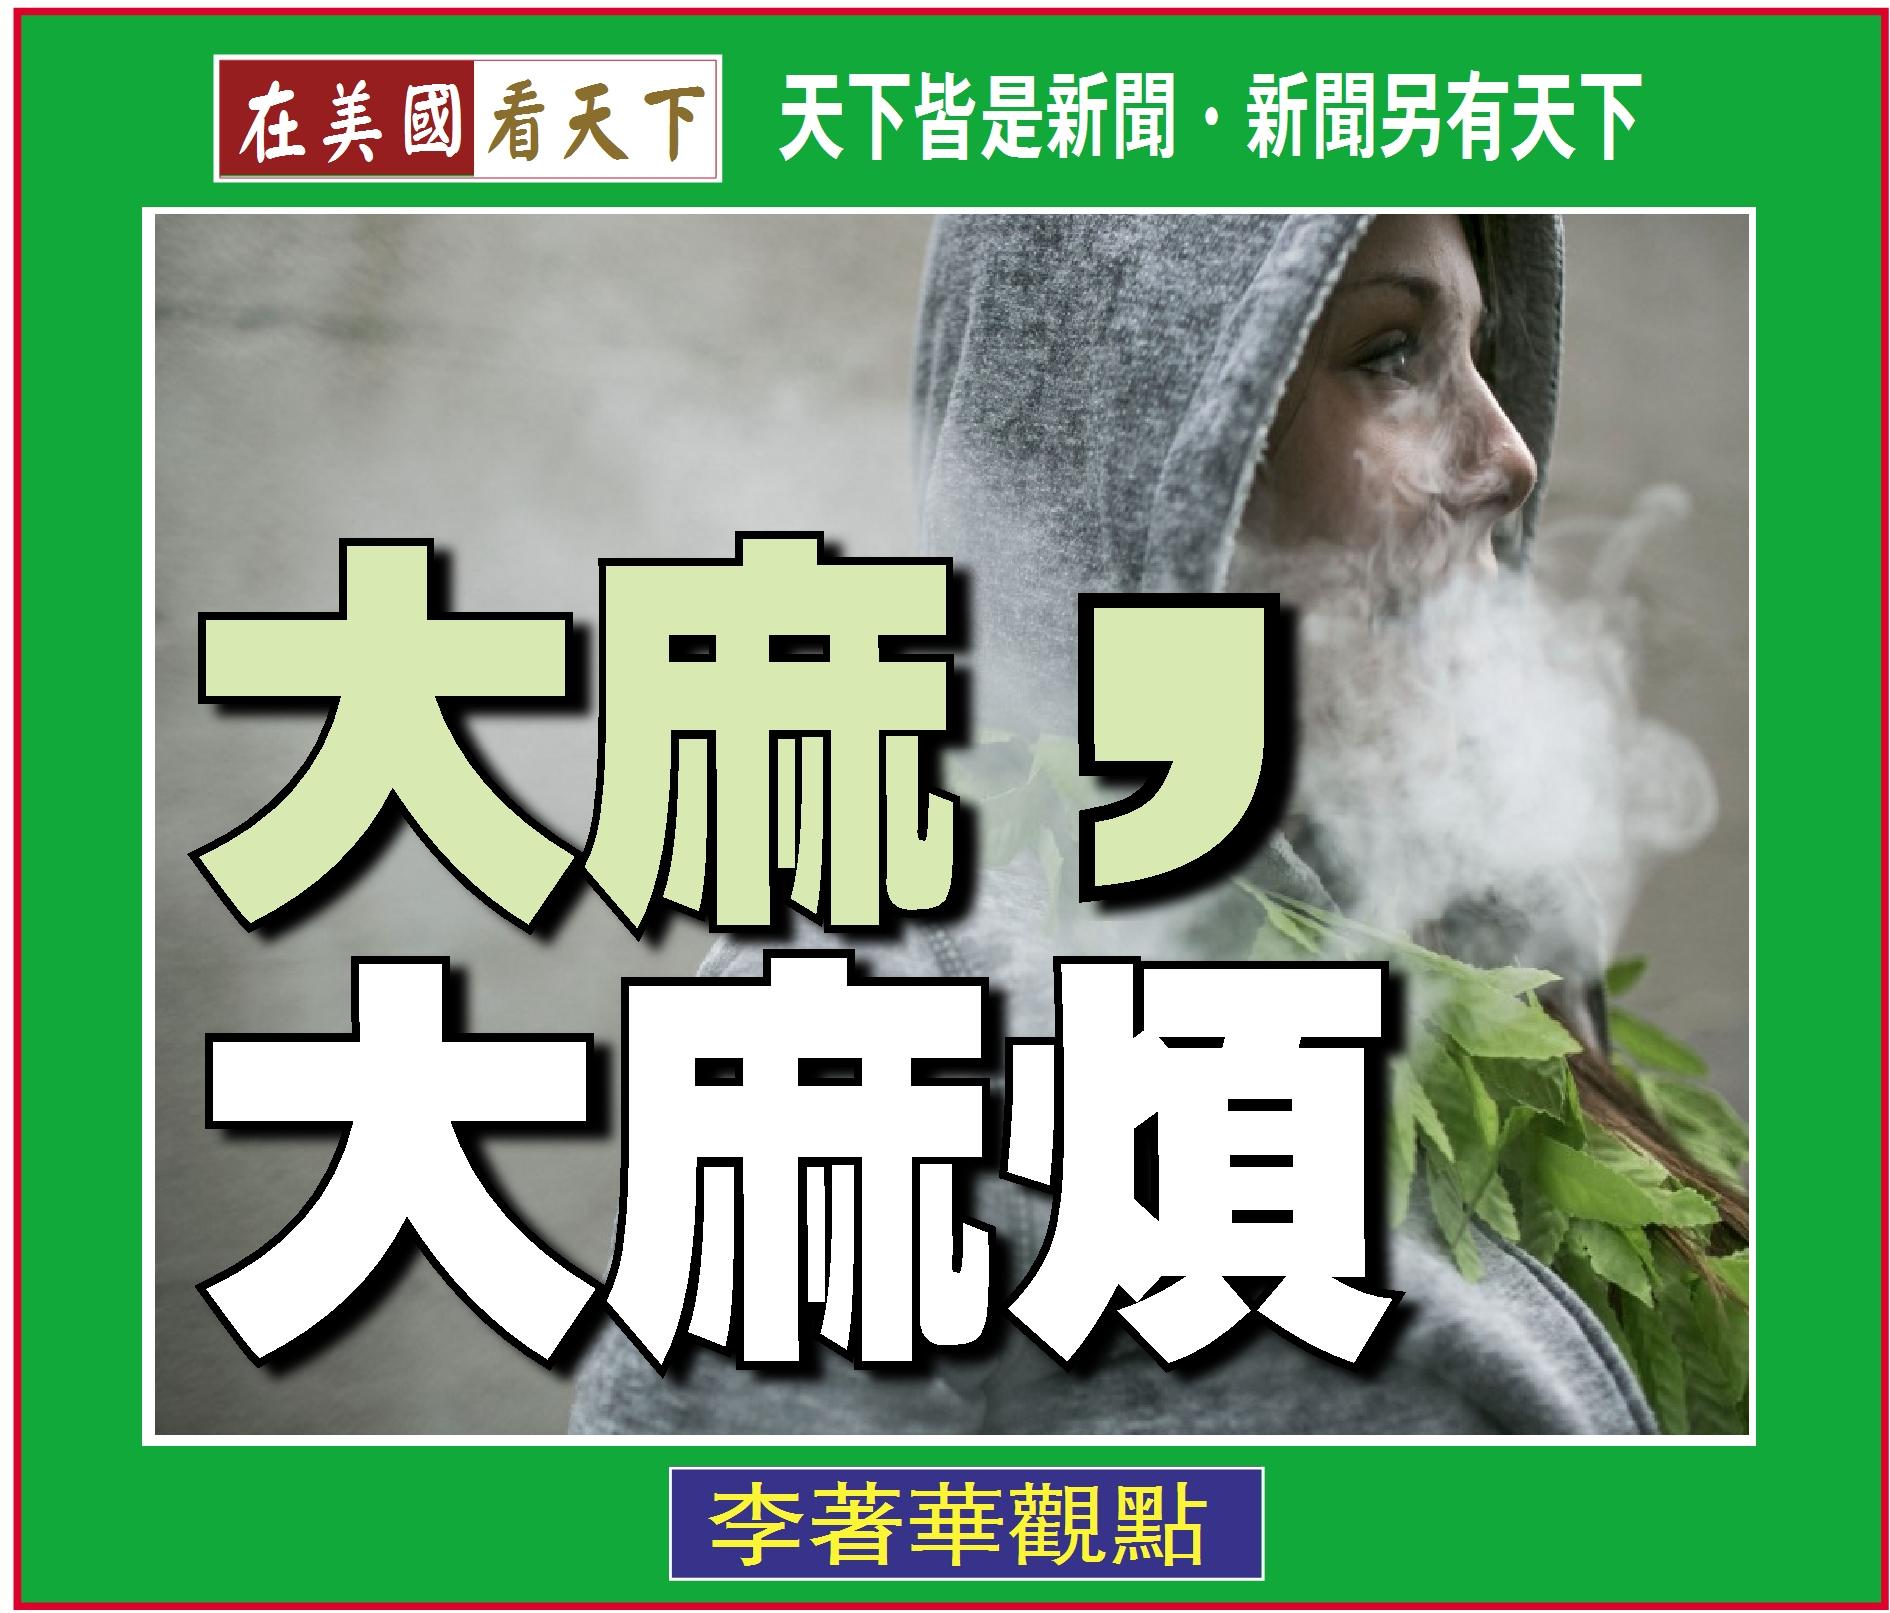 062619-大麻的大麻煩-1.jpg